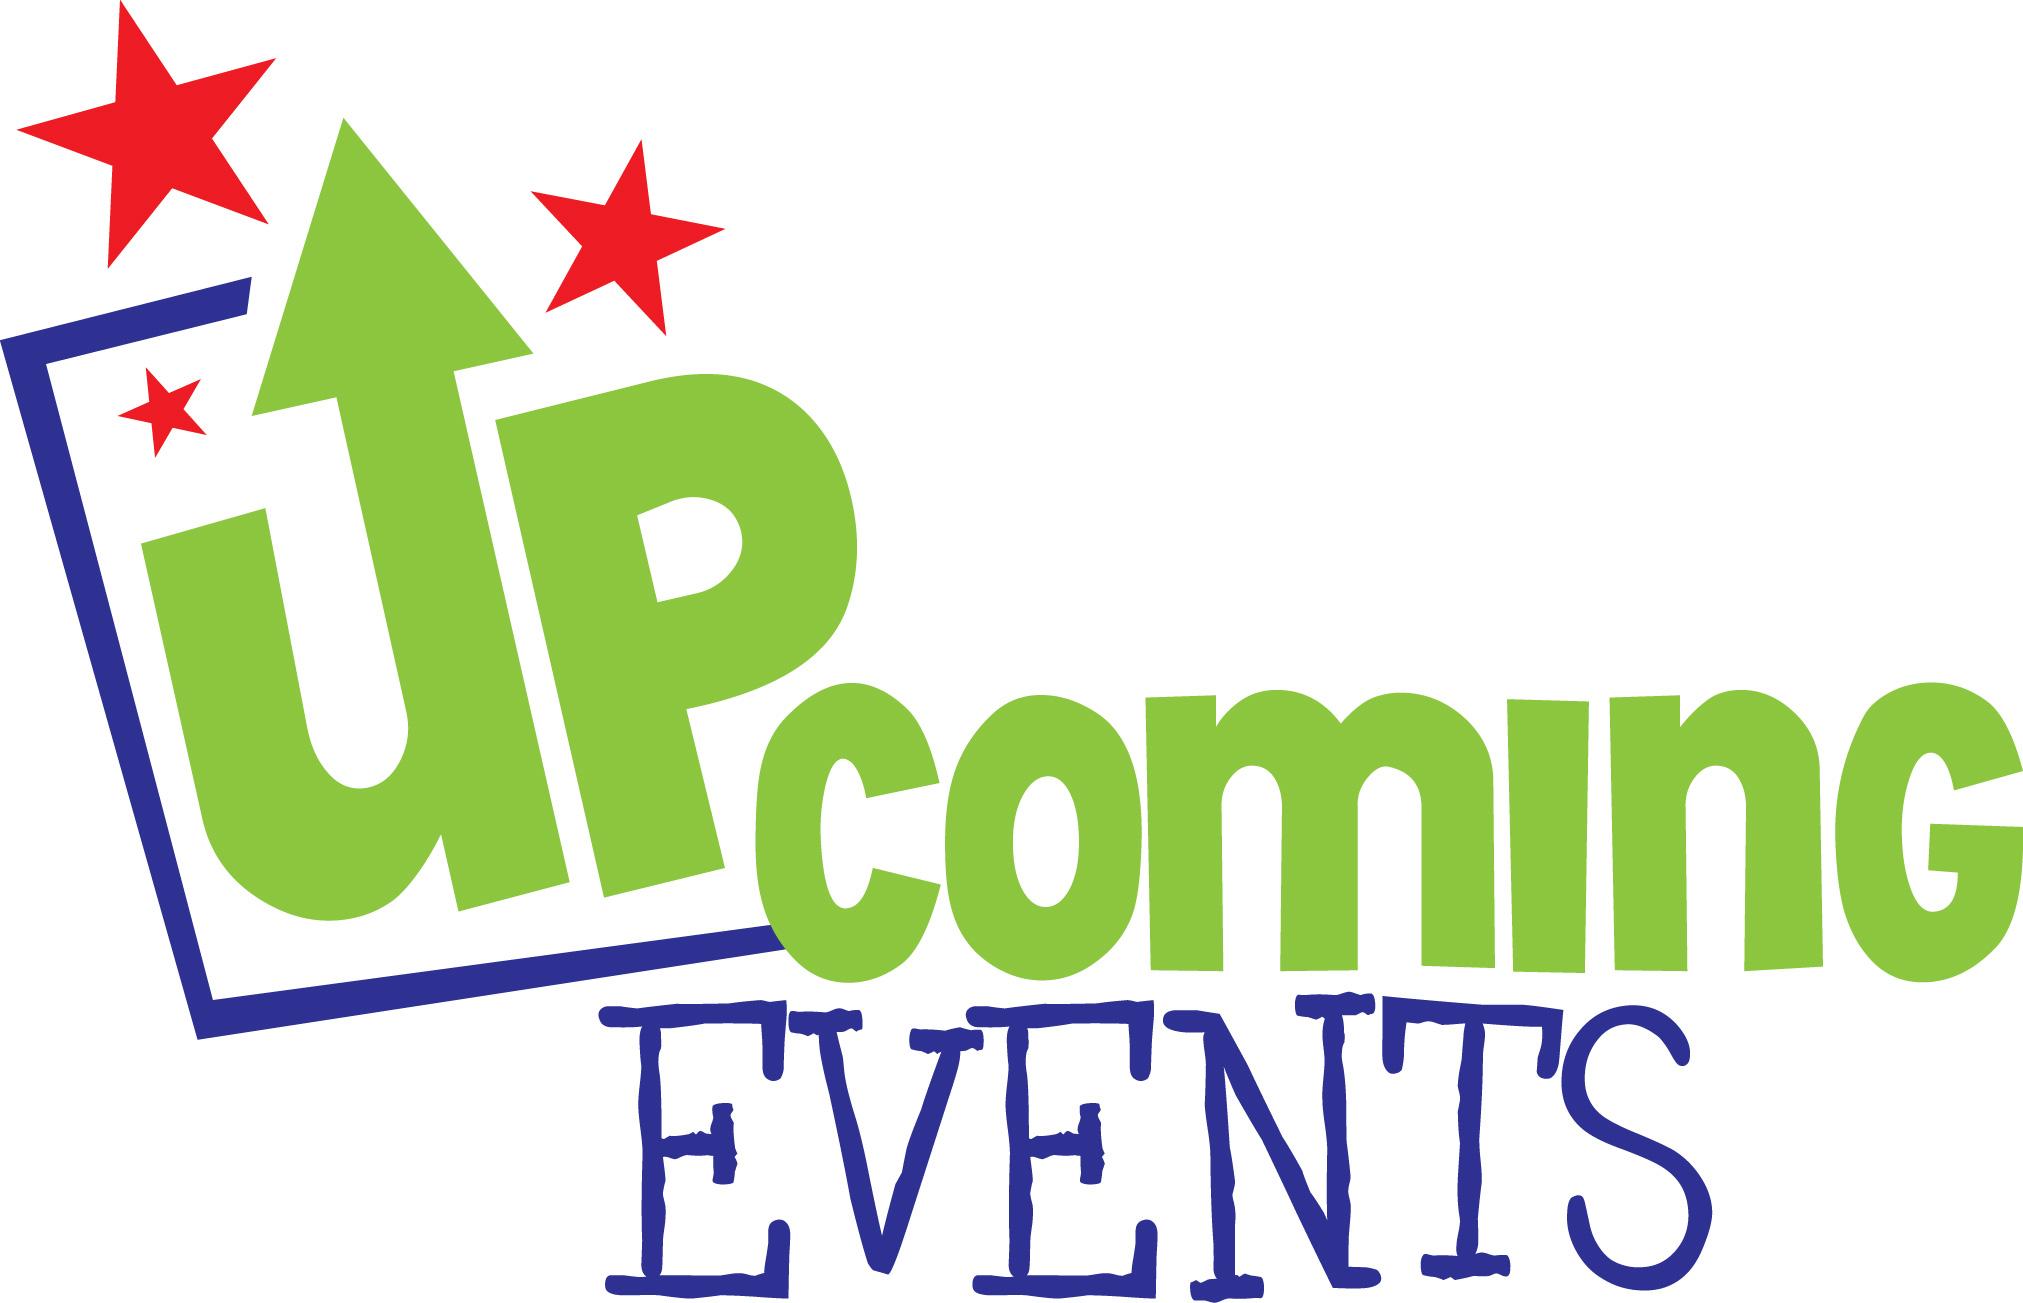 2023x1303 Events In April Clip Art Cliparts